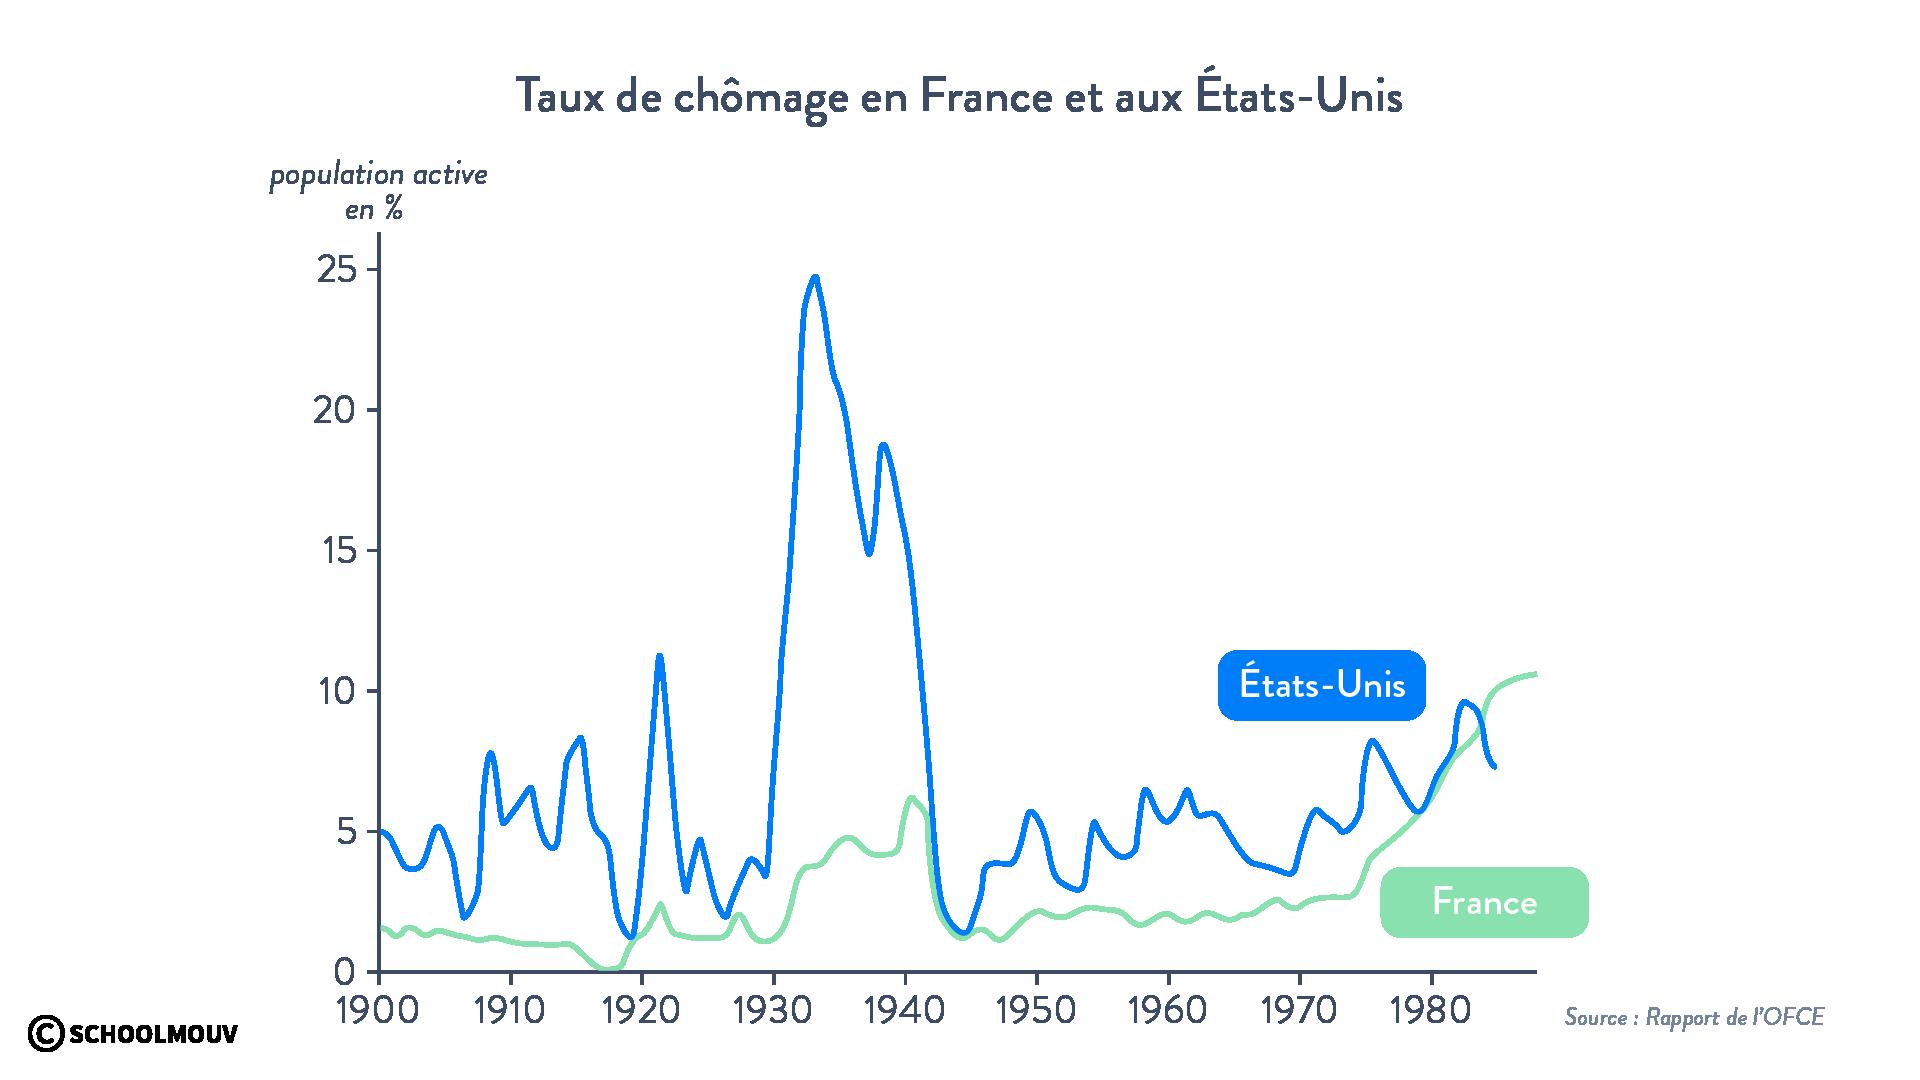 Taux de chômage en France et aux États-Unis